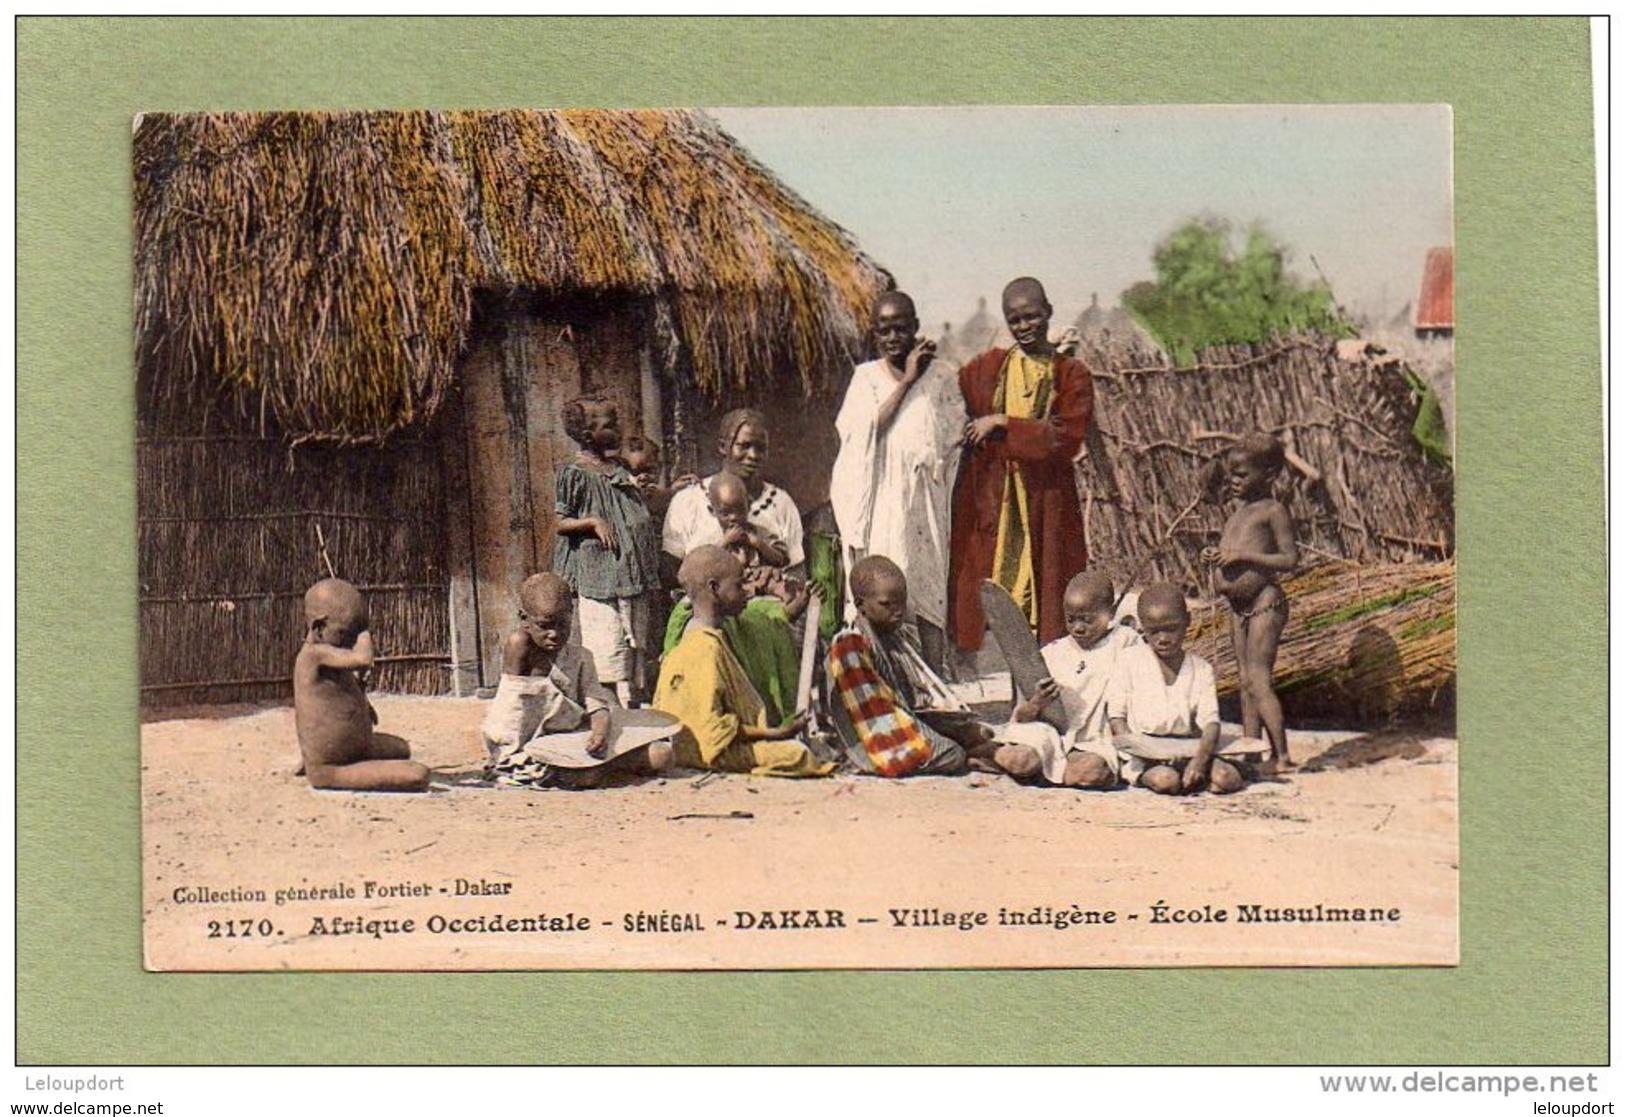 SENEGAL  DAKAR VILLAGE INDIGENE  ECOLE MUSULMANE - Sénégal